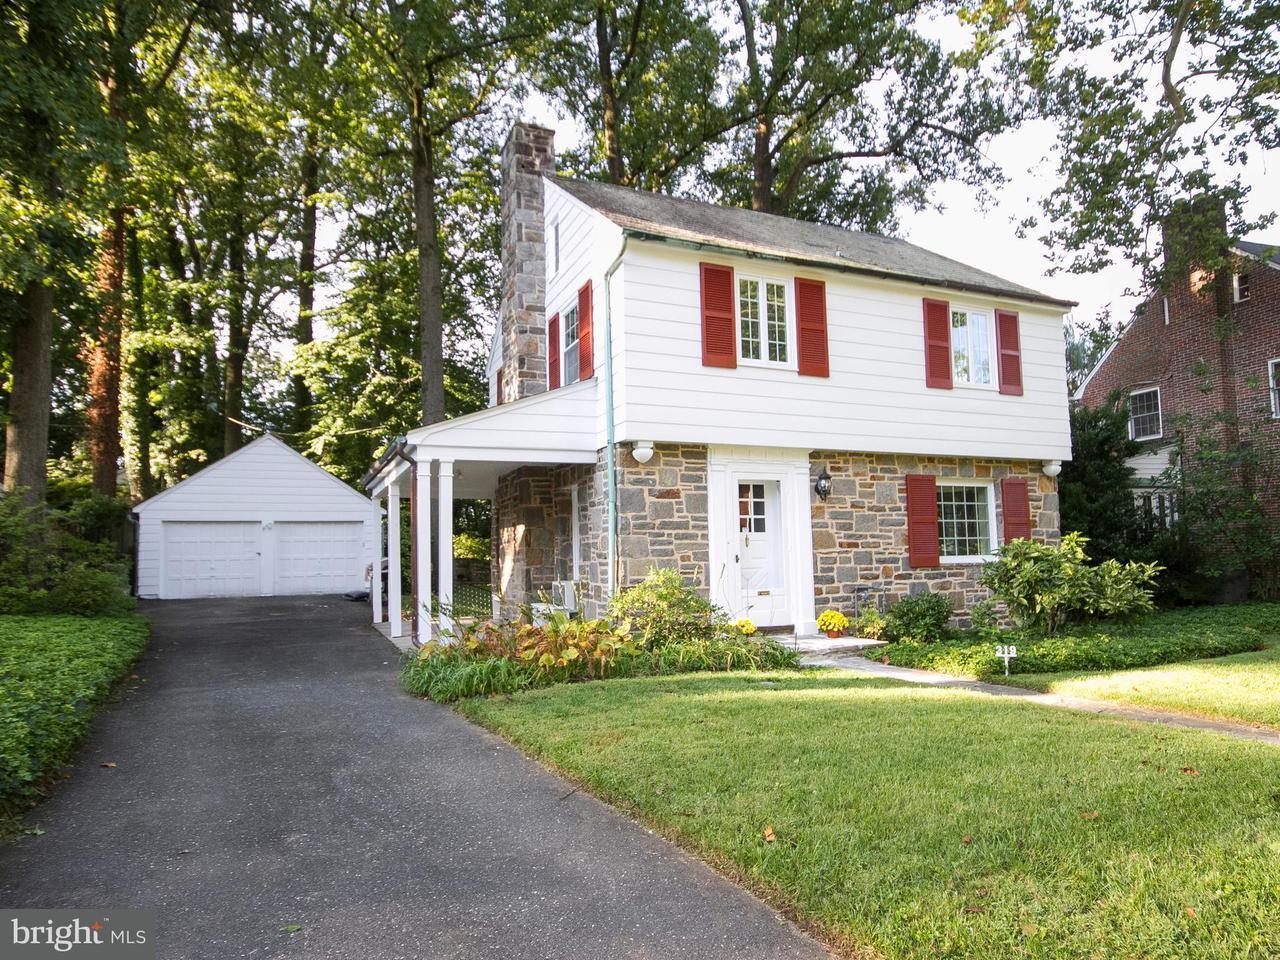 一戸建て のために 売買 アット 319 Dixie Drive 319 Dixie Drive Towson, メリーランド 21204 アメリカ合衆国